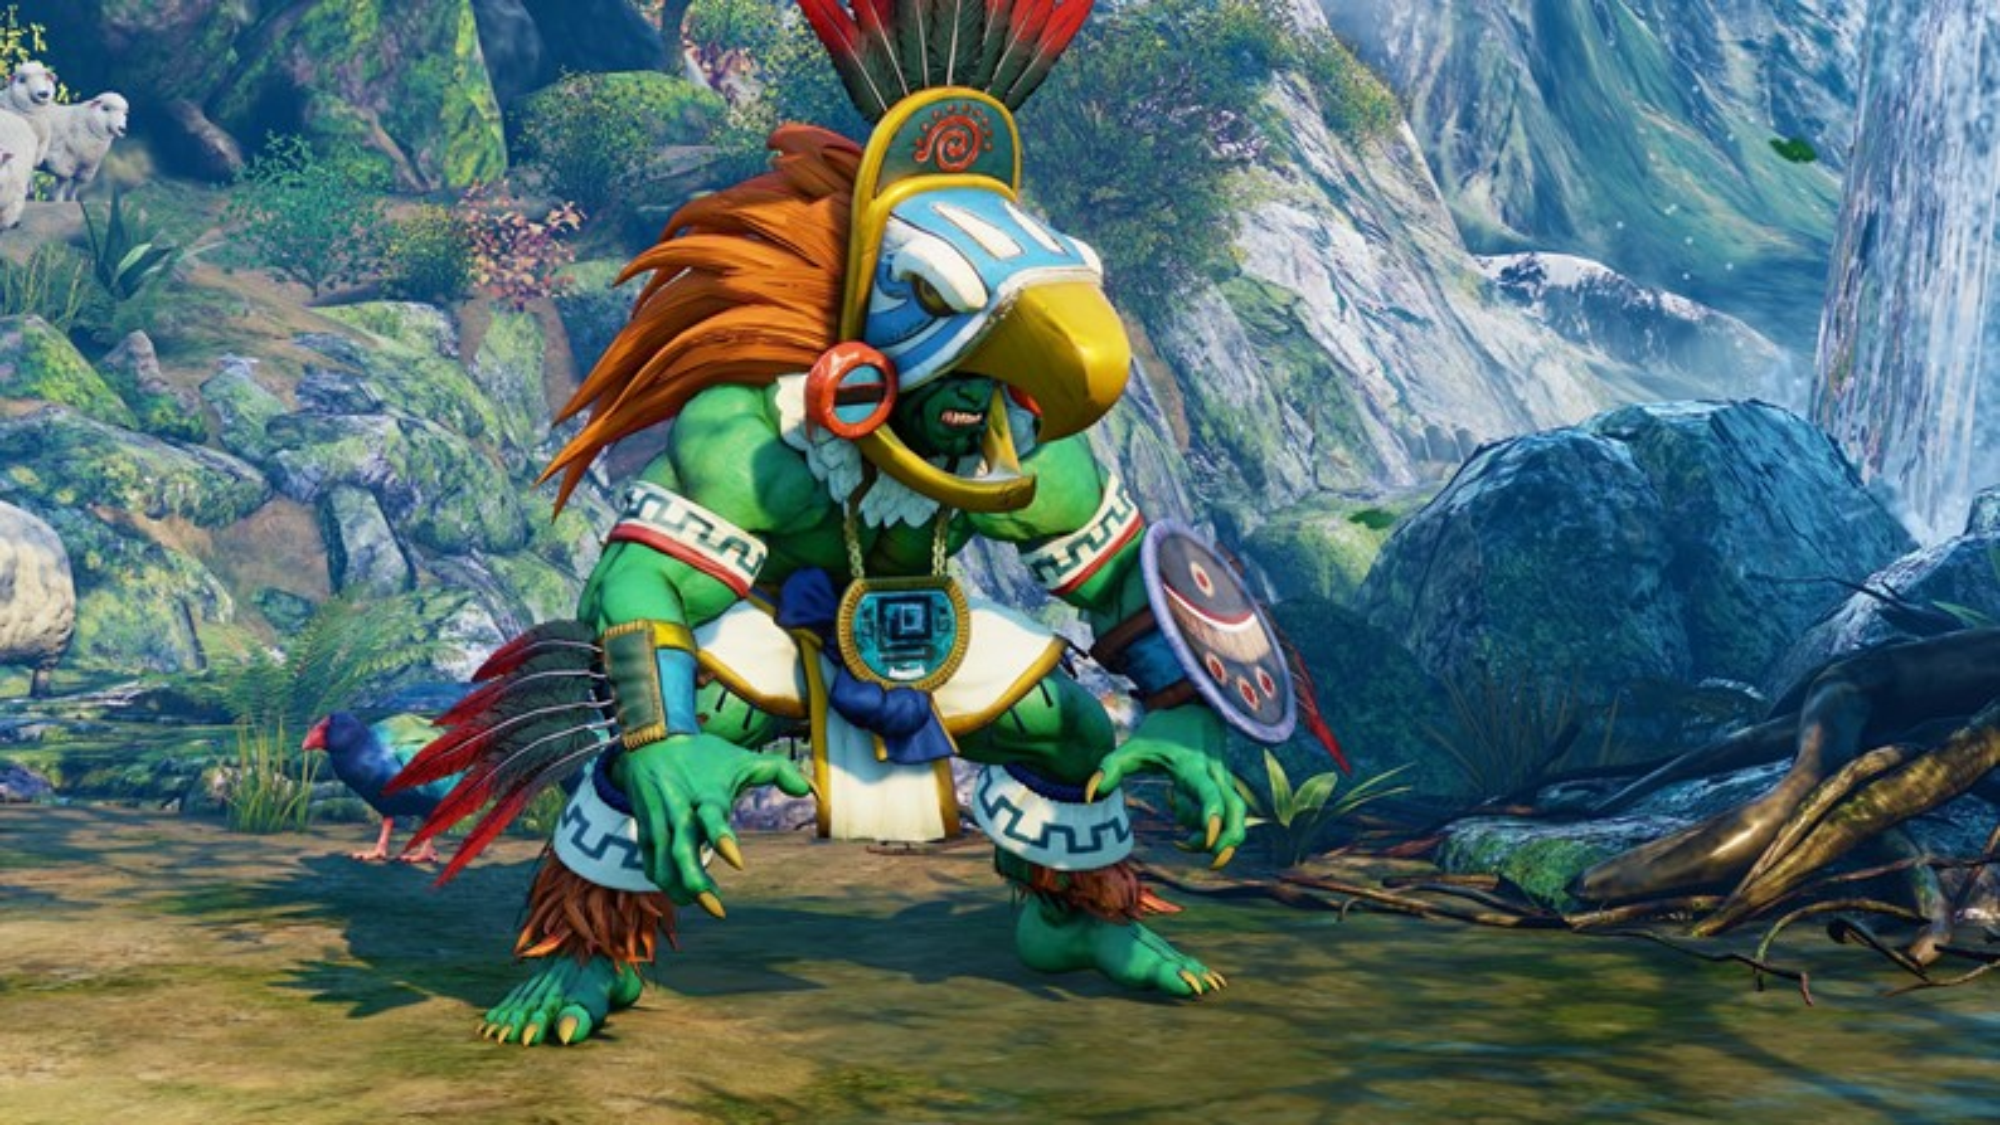 Poder brasileiro: Blanka chega a Street Fighter V na próxima semana